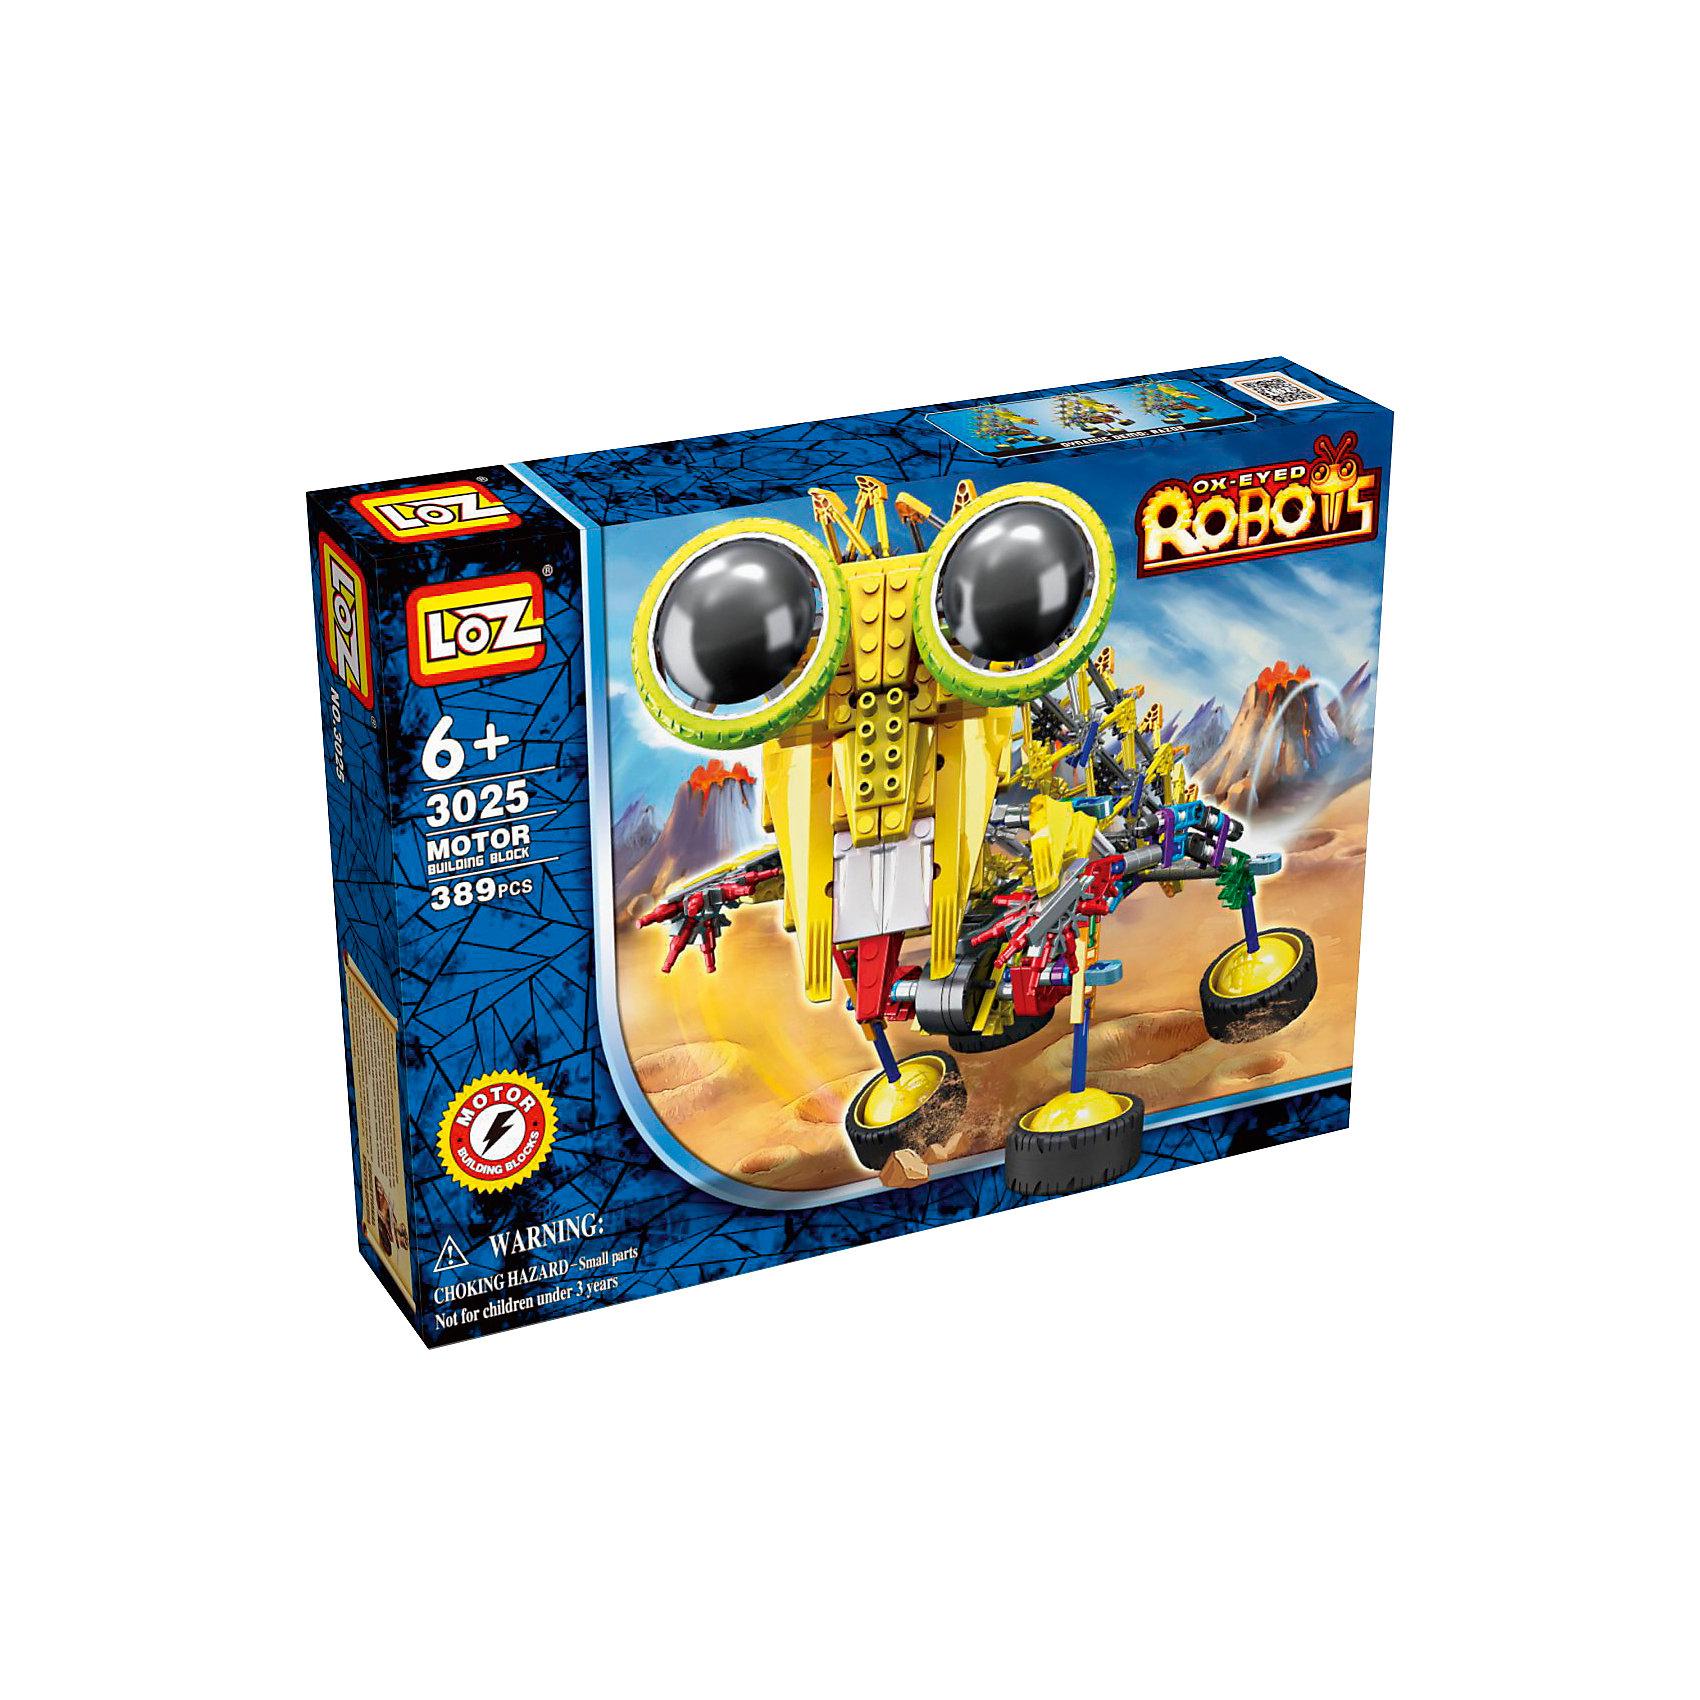 Электромеханический конструктор IROBOT. Роботы. Шиношлеп, LozЭлектромеханический конструктор IROBOT. Роботы. Шиношлеп, Loz будет замечательным подарком для Вашего ребенка. <br><br>Конструкторы данной серии уникальны тем, что малыш может играть получившейся игрушкой.<br><br> Для работы моторчика нужны две батарейки типа АА (в комплект не входят). В набор входит 389 деталей конструктора и подробная инструкция.<br><br>Ширина мм: 50<br>Глубина мм: 260<br>Высота мм: 360<br>Вес г: 620<br>Возраст от месяцев: 72<br>Возраст до месяцев: 180<br>Пол: Мужской<br>Возраст: Детский<br>SKU: 5012255